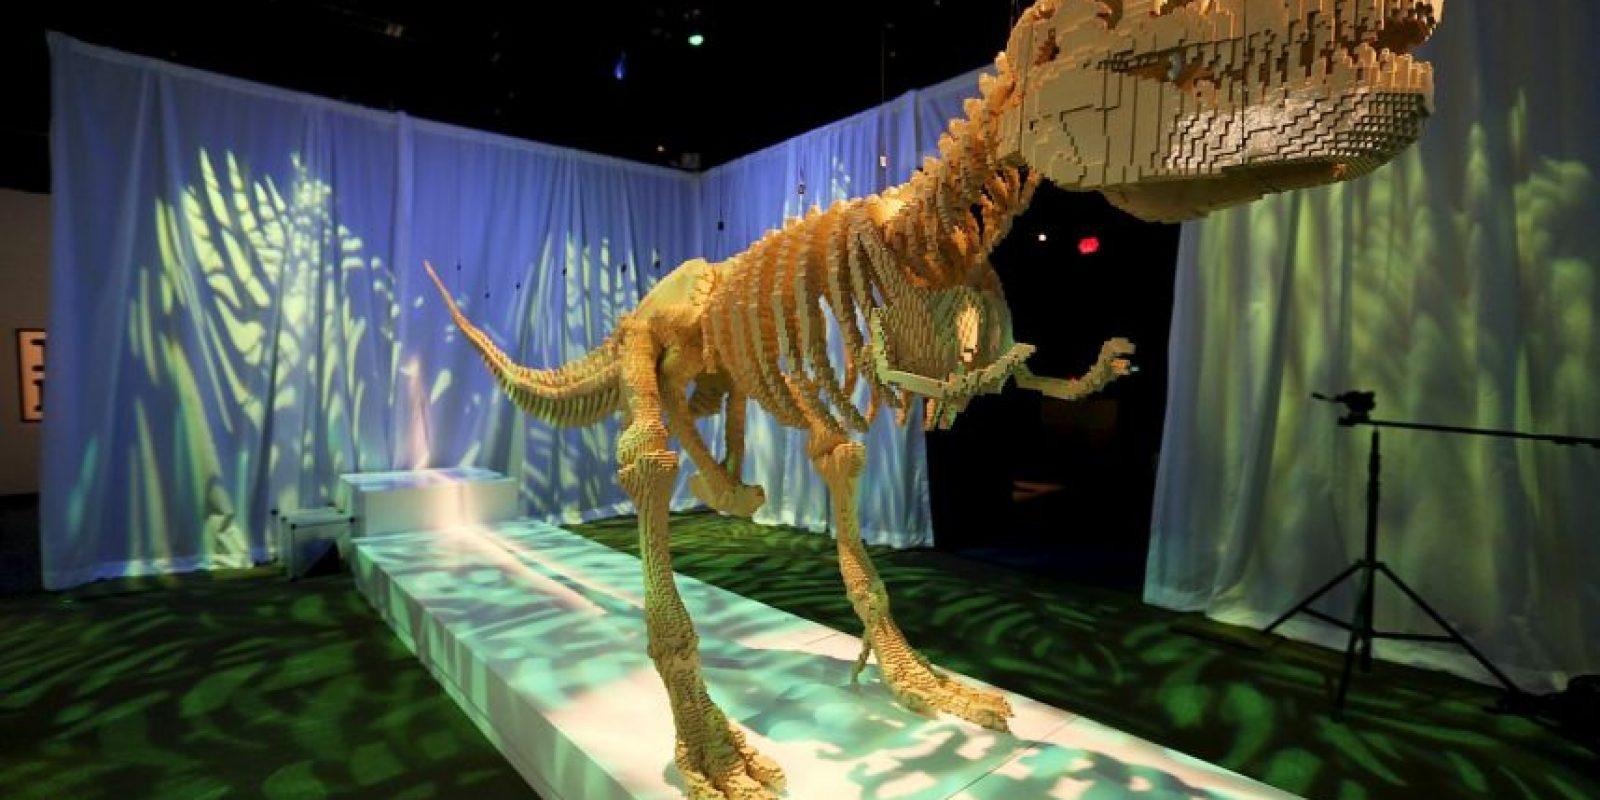 Alcanzaba a medir 13 metros (40 pies) de largo y uno 4 a 6 metros (15 a 20 pies) de altura. Foto:Getty Images